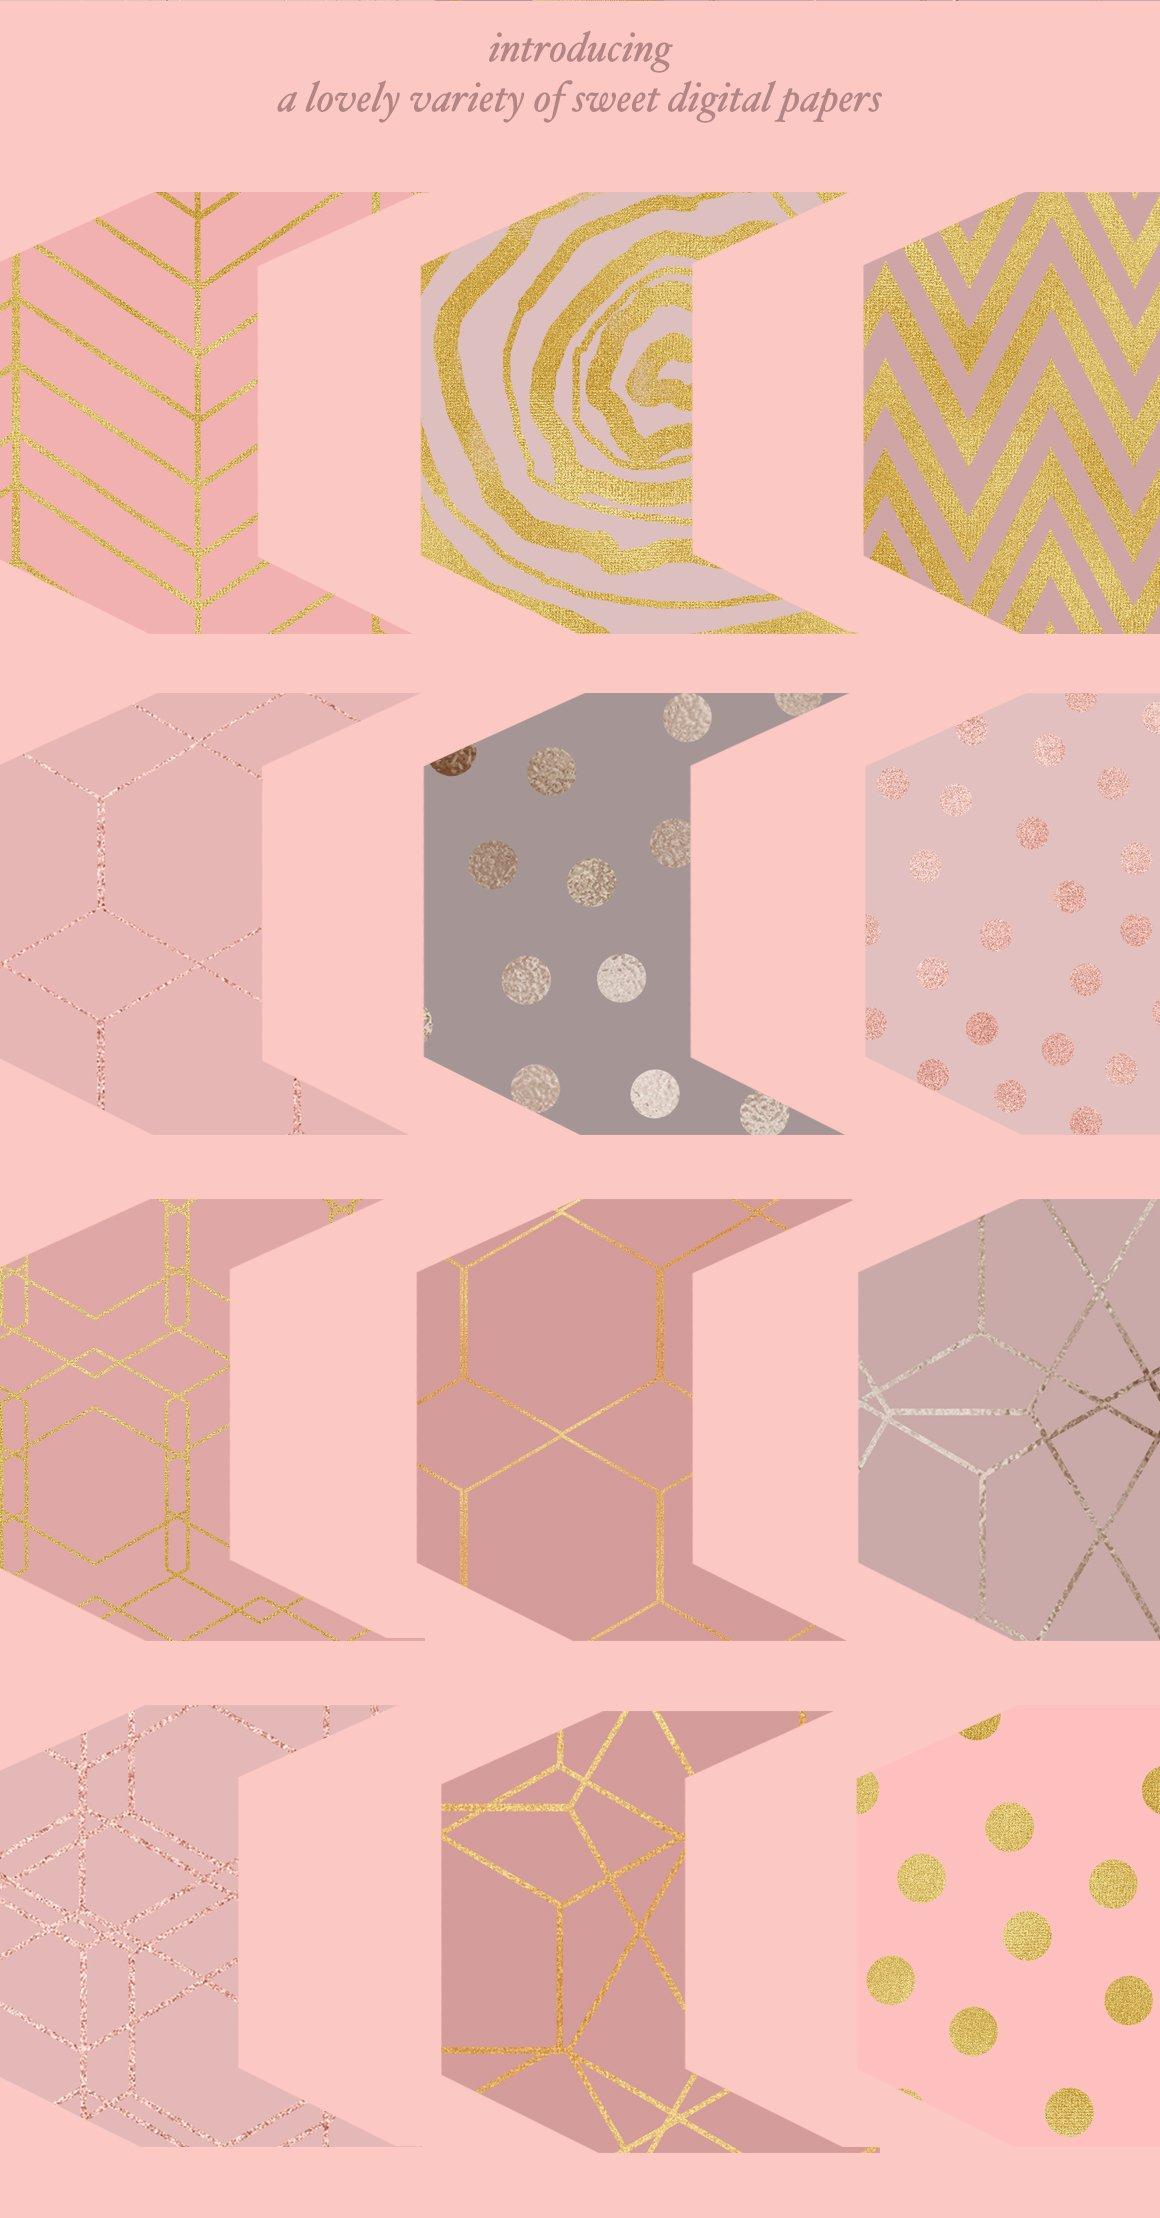 高品质的手绘花卉矢量插图&优雅数码纸纹理集合 70 Gold Patterns & Illustrations插图(3)